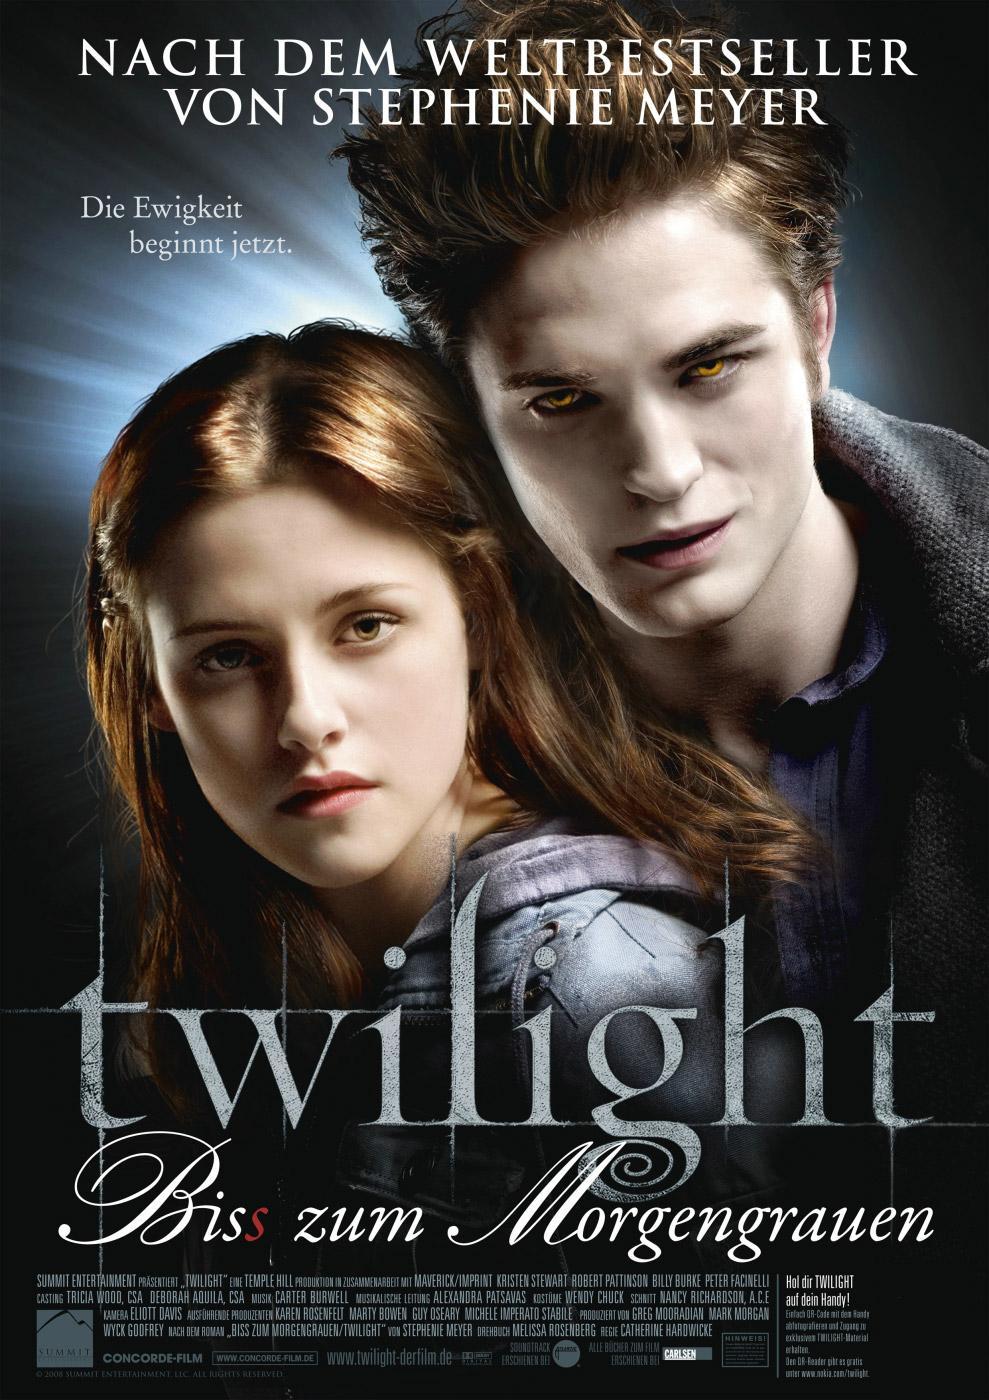 Twilight - Biss zum Morgengrauen (Poster)